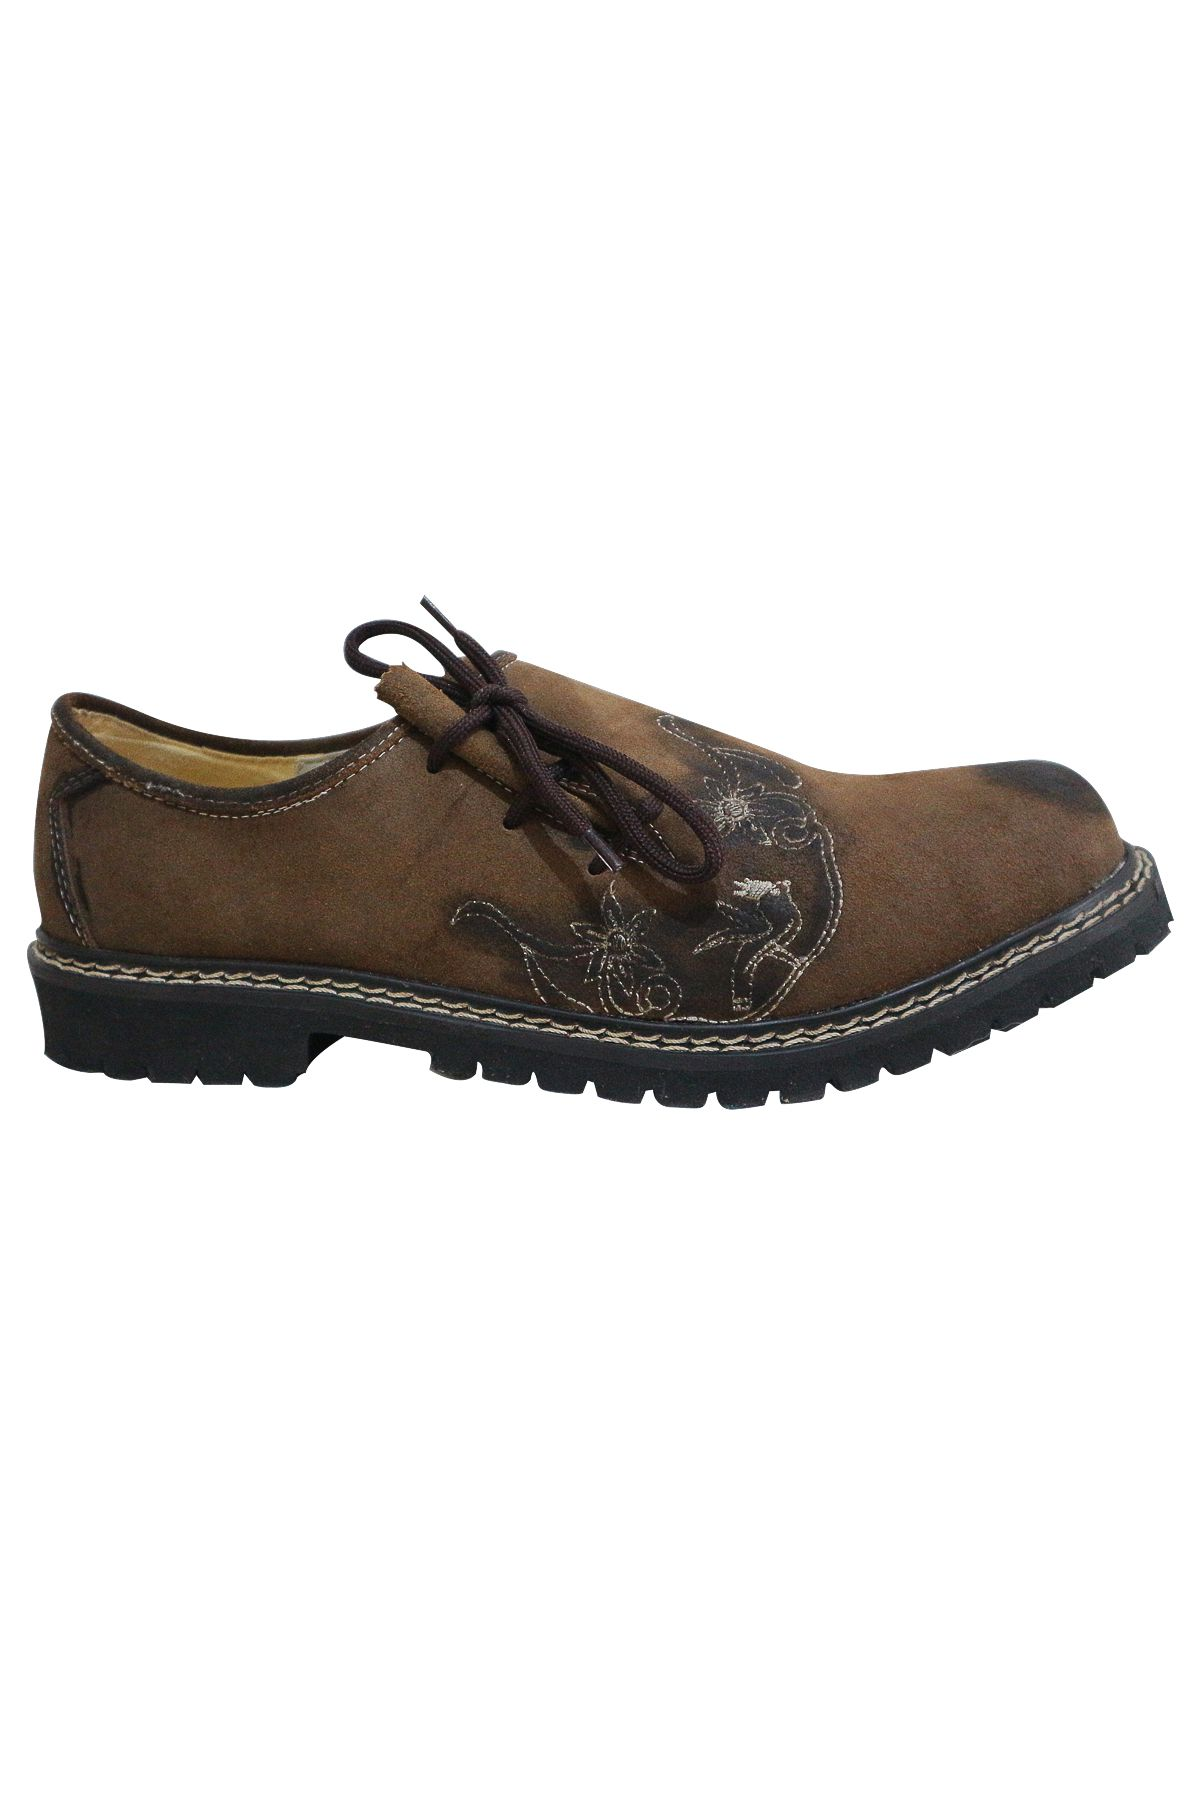 Trachten Lederhosen Shoes for Men Brown